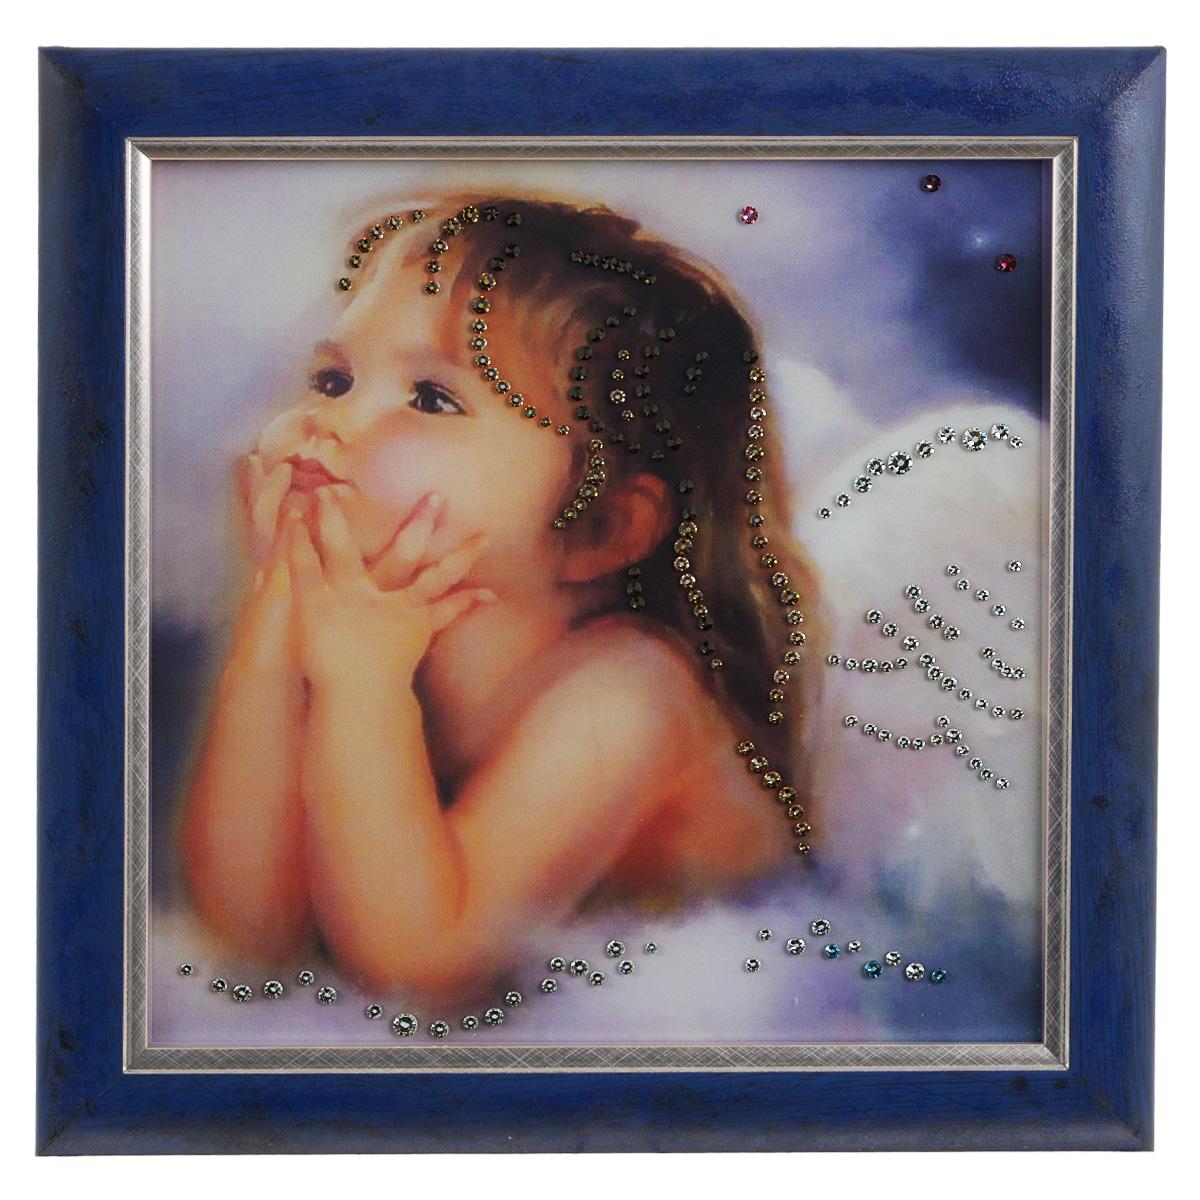 Картина с кристаллами Swarovski Ты мой ангел, 30 см х 30 см1327Изящная картина в раме Ты мой ангел инкрустирована кристаллами Swarovski, которые отличаются четкой и ровной огранкой, ярким блеском и чистотой цвета. Идеально подобранная палитра кристаллов прекрасно дополняет картину. С задней стороны изделие оснащено специальной проволокой для размещения на стене. Картина с кристаллами Swarovski элегантно украсит интерьер дома, а также станет прекрасным подарком, который обязательно понравится получателю. Блеск кристаллов в интерьере - что может быть сказочнее и удивительнее. Изделие упаковано в подарочную картонную коробку синего цвета и комплектуется сертификатом соответствия Swarovski.